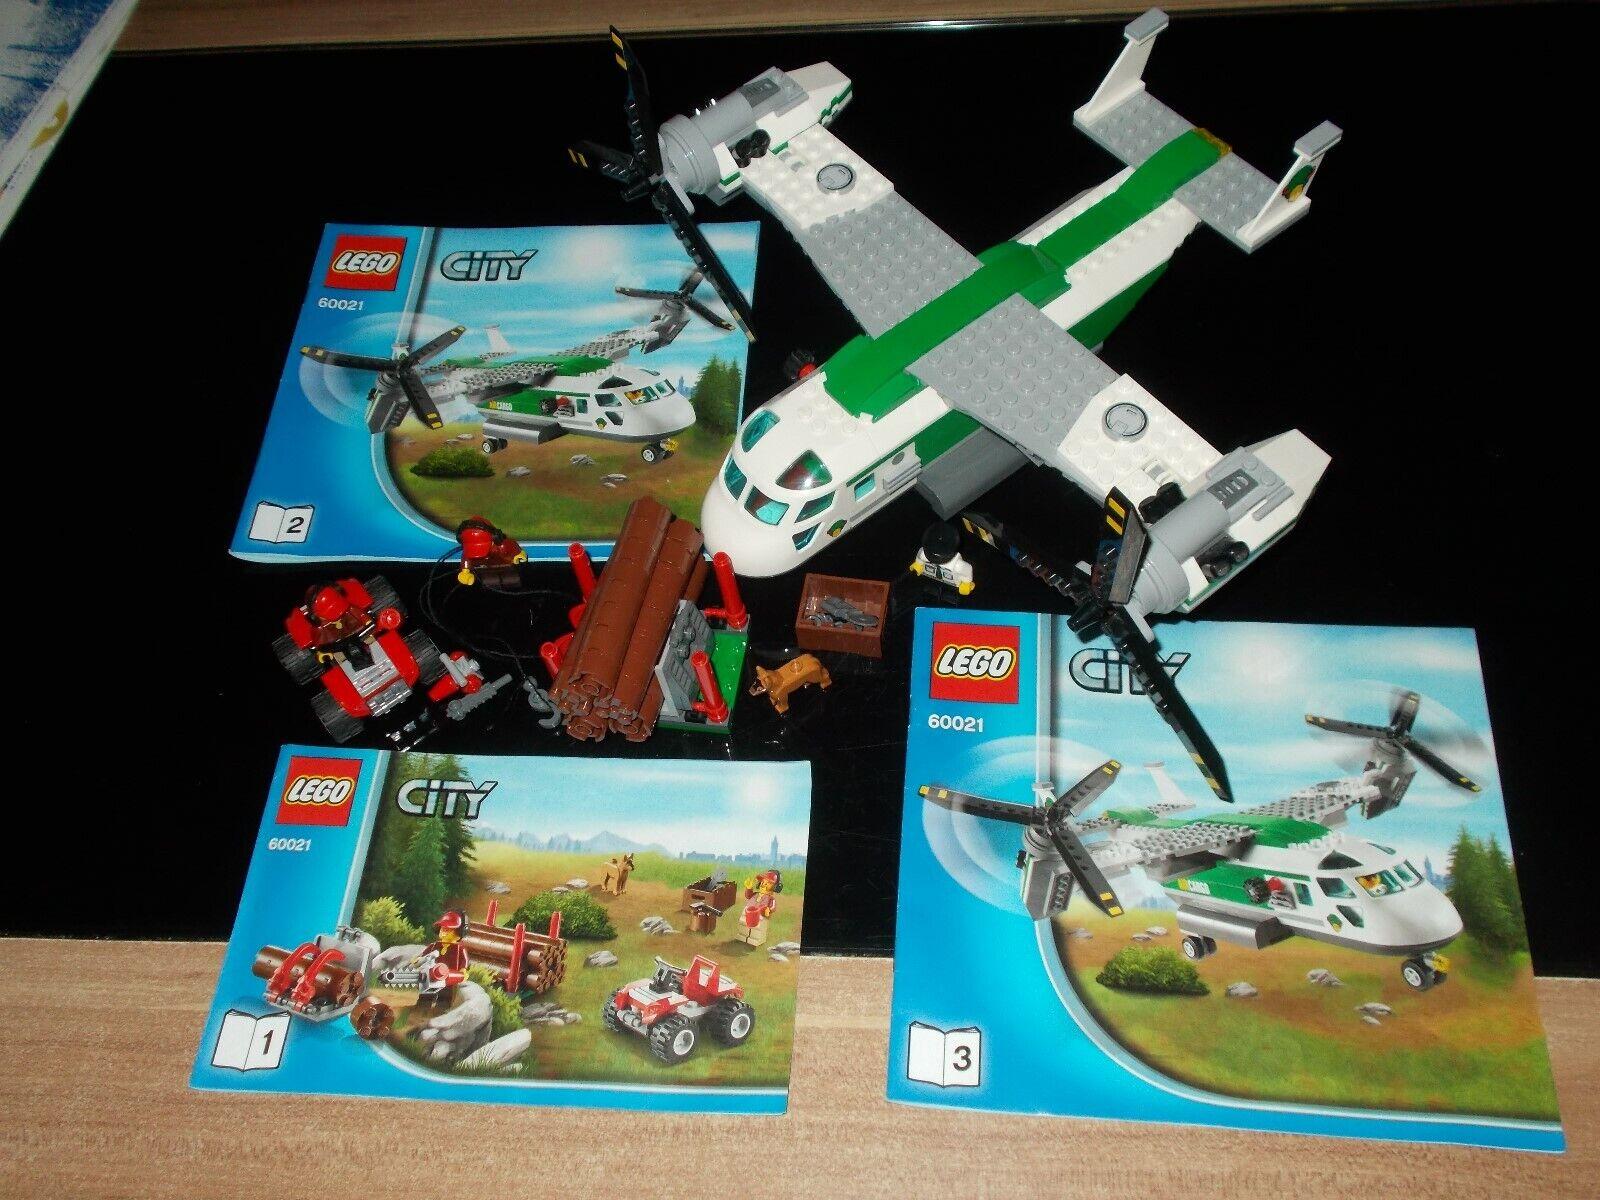 Lego  città - 60021 - Aéronef à rossoor Basculant - avec Instruction de Montage (Ba  elementi di novità